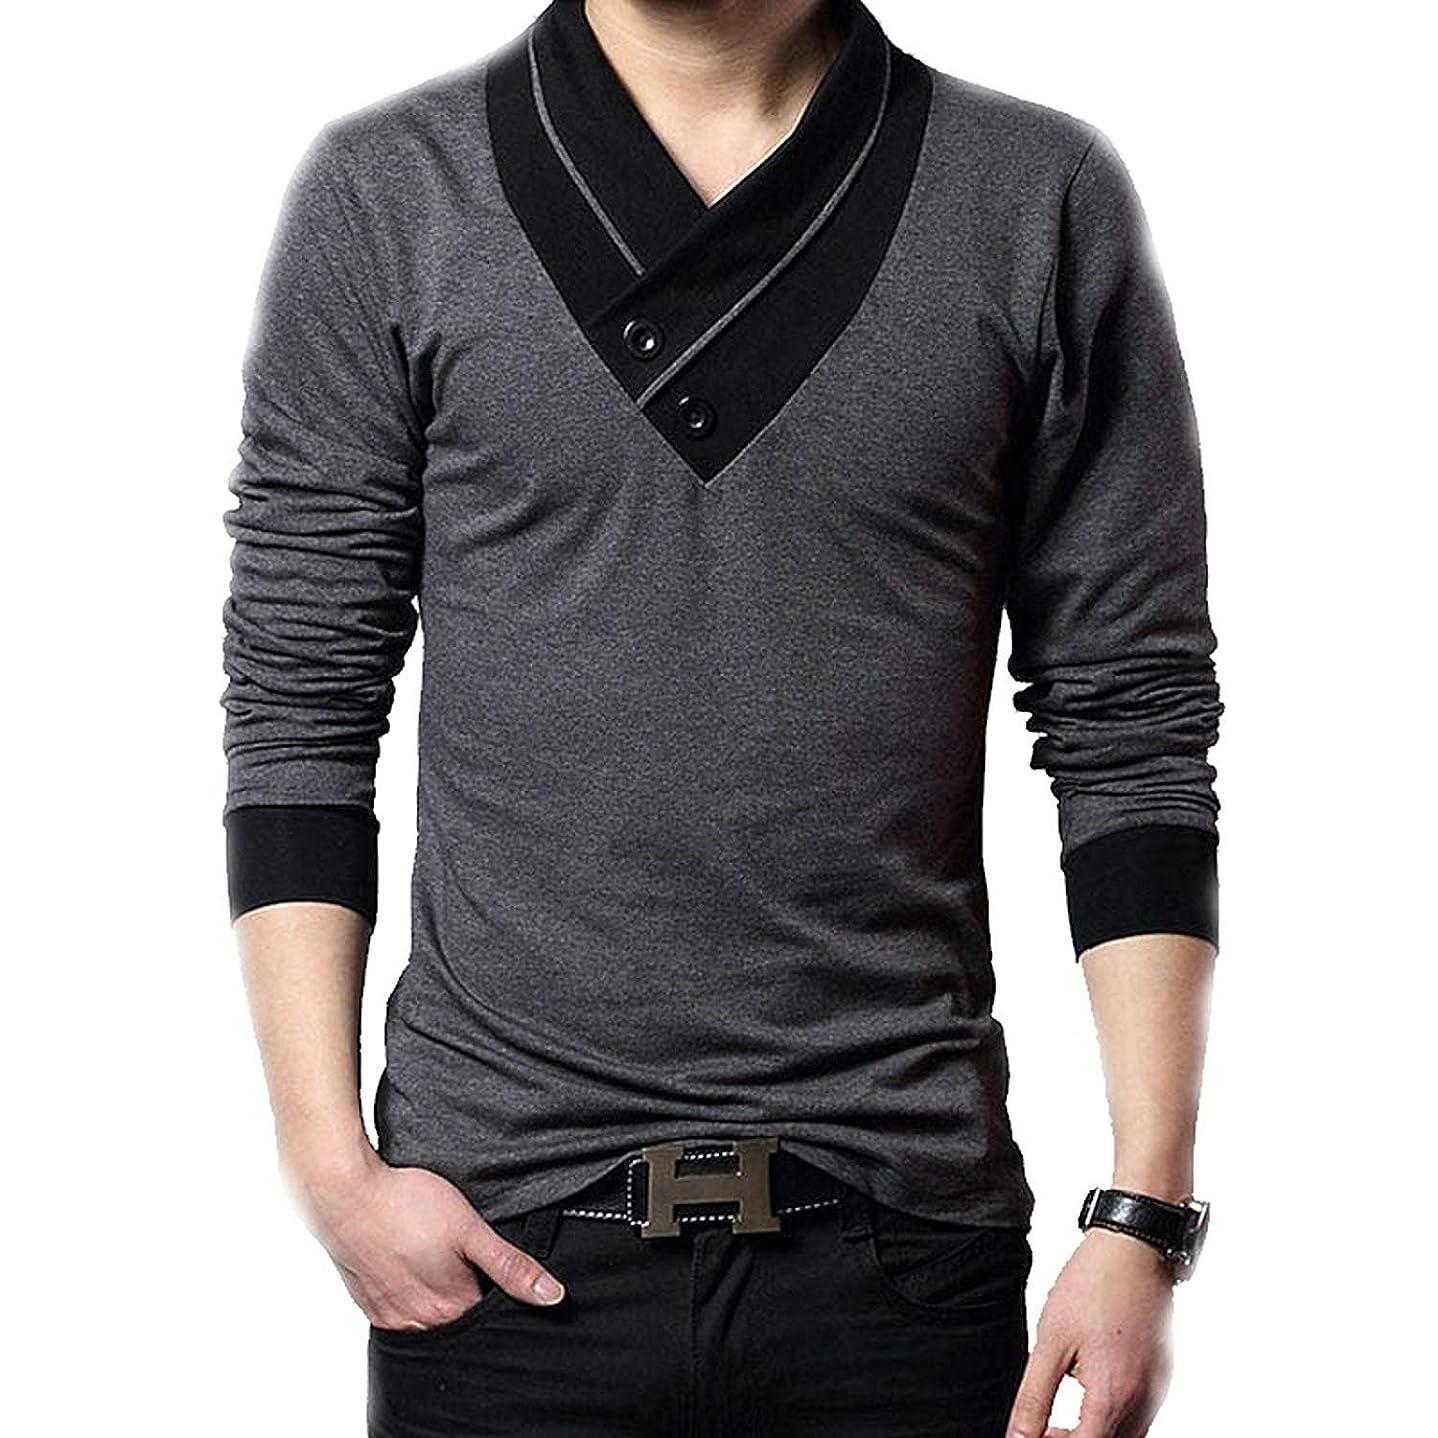 禁止する愛国的な幾何学(メイク トゥ ビー) Make 2 Be スリム Vネック 半袖 Tシャツ スカーフ風 カジュアル シャツ MF01